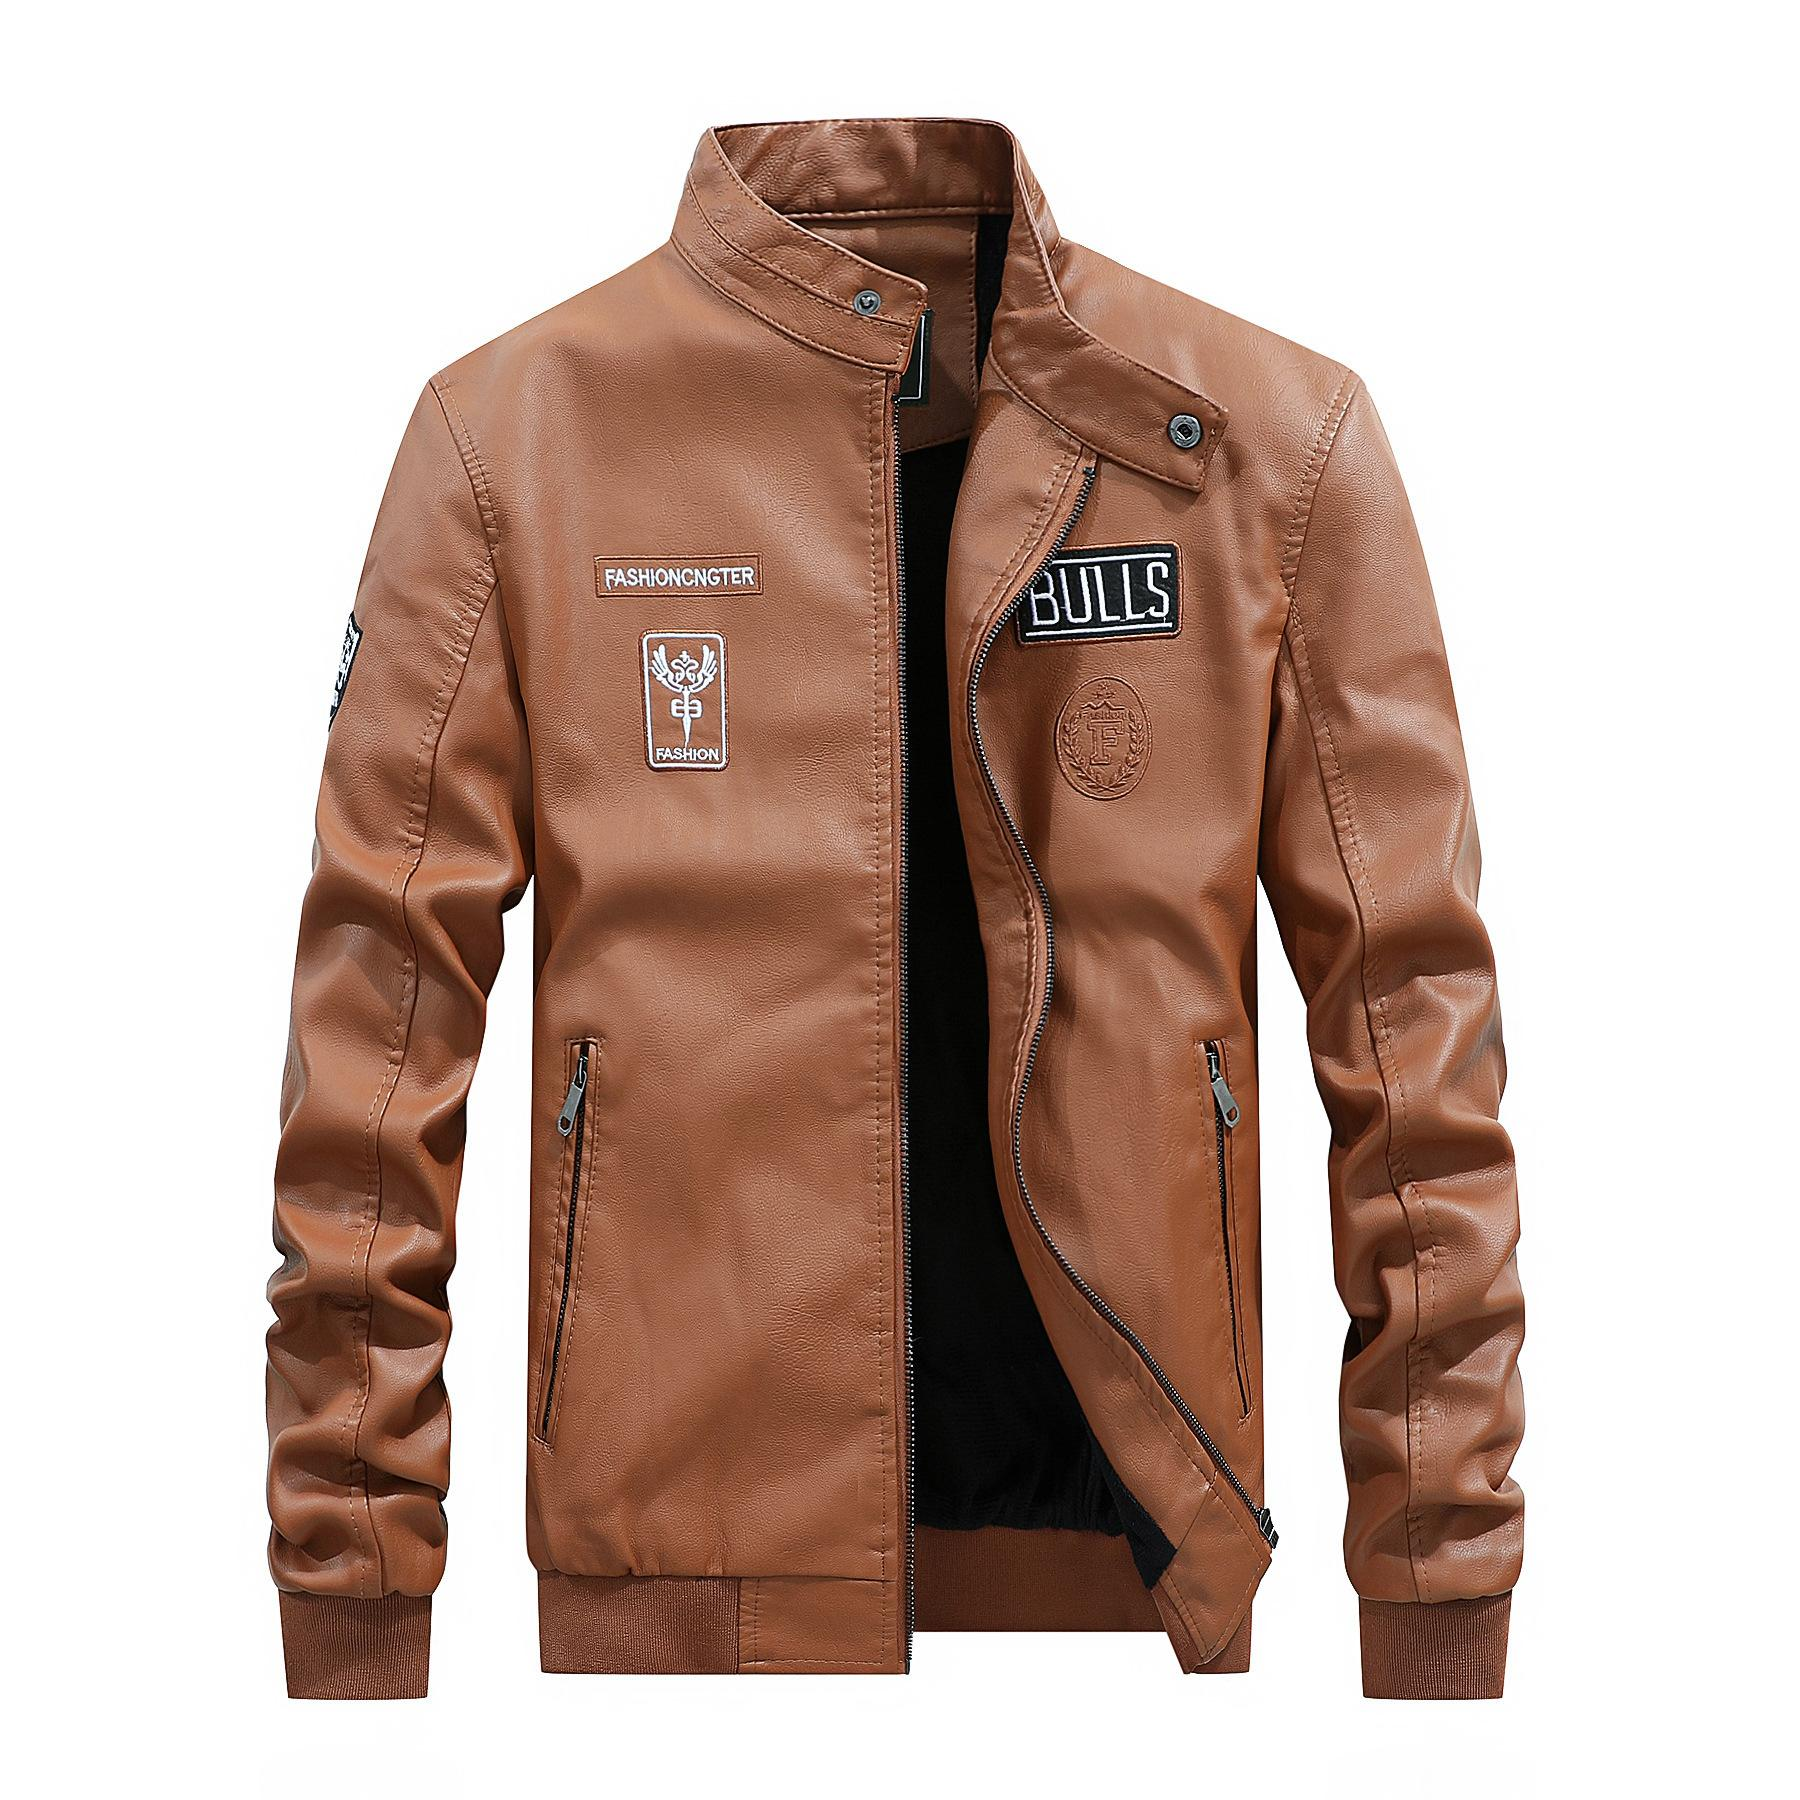 2021 A nova nova moda masculina no peito grande bolsos de couro marrom jaqueta 4A24